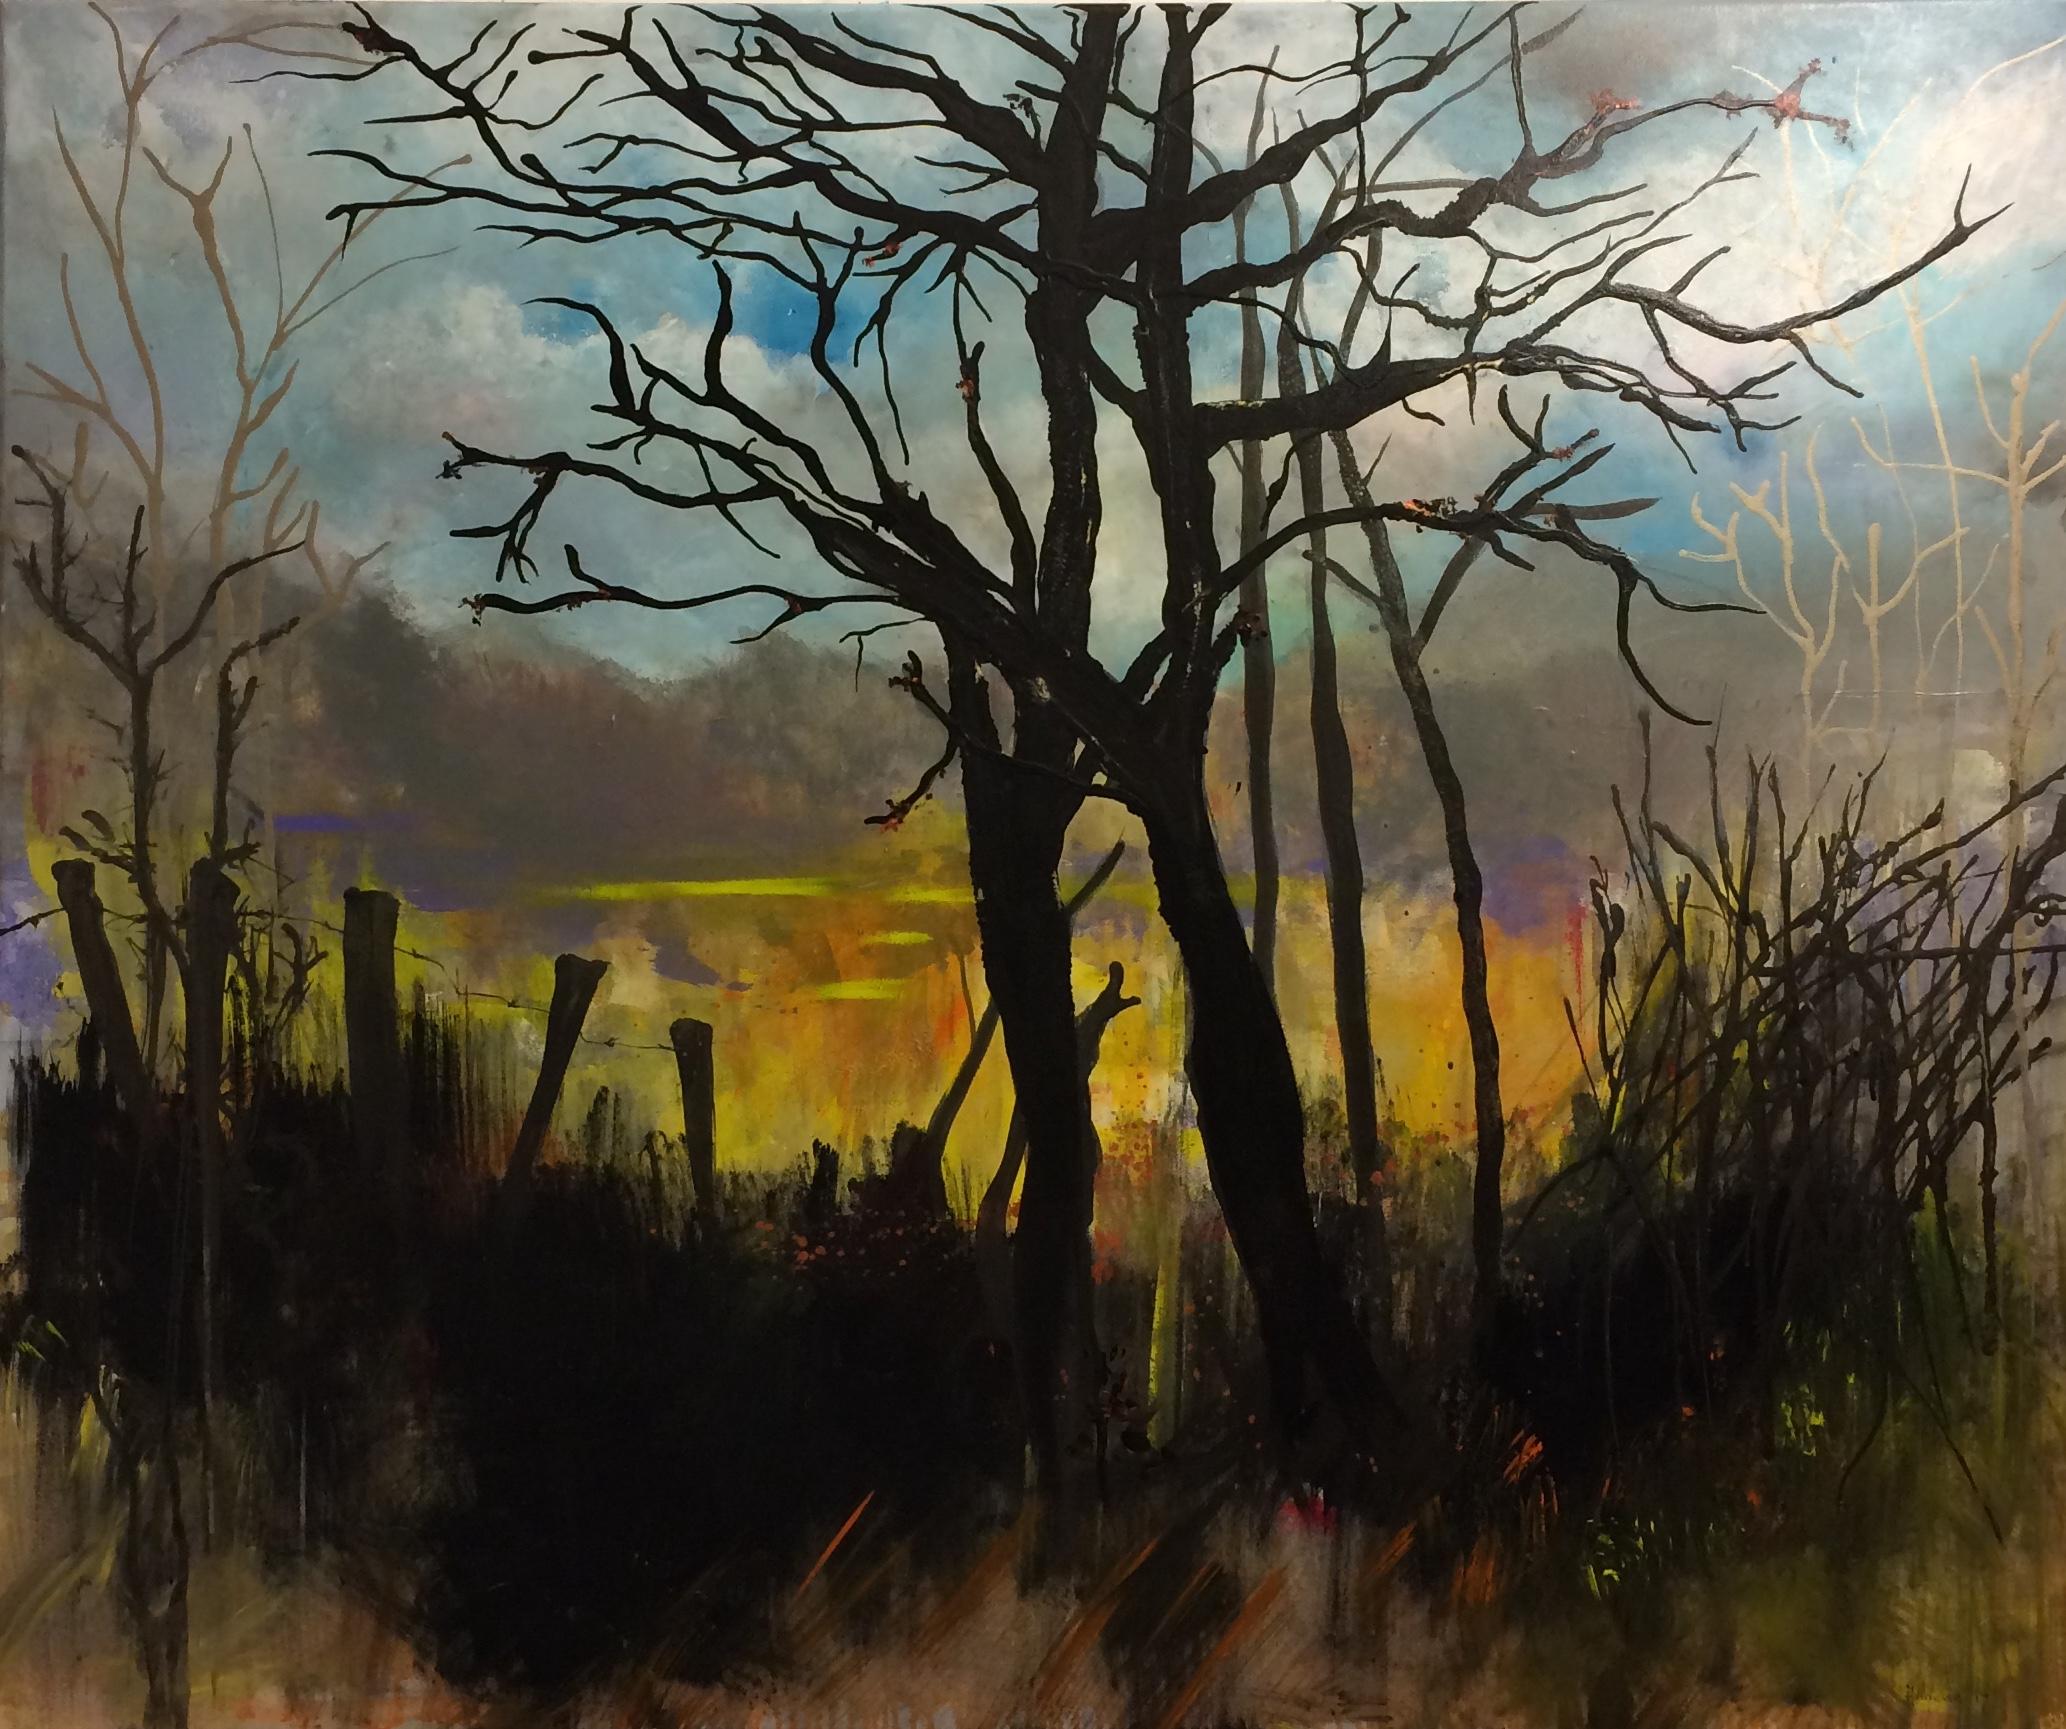 abstract-schilderij-Aan de rand van het bos_anneke_swanink.jpg